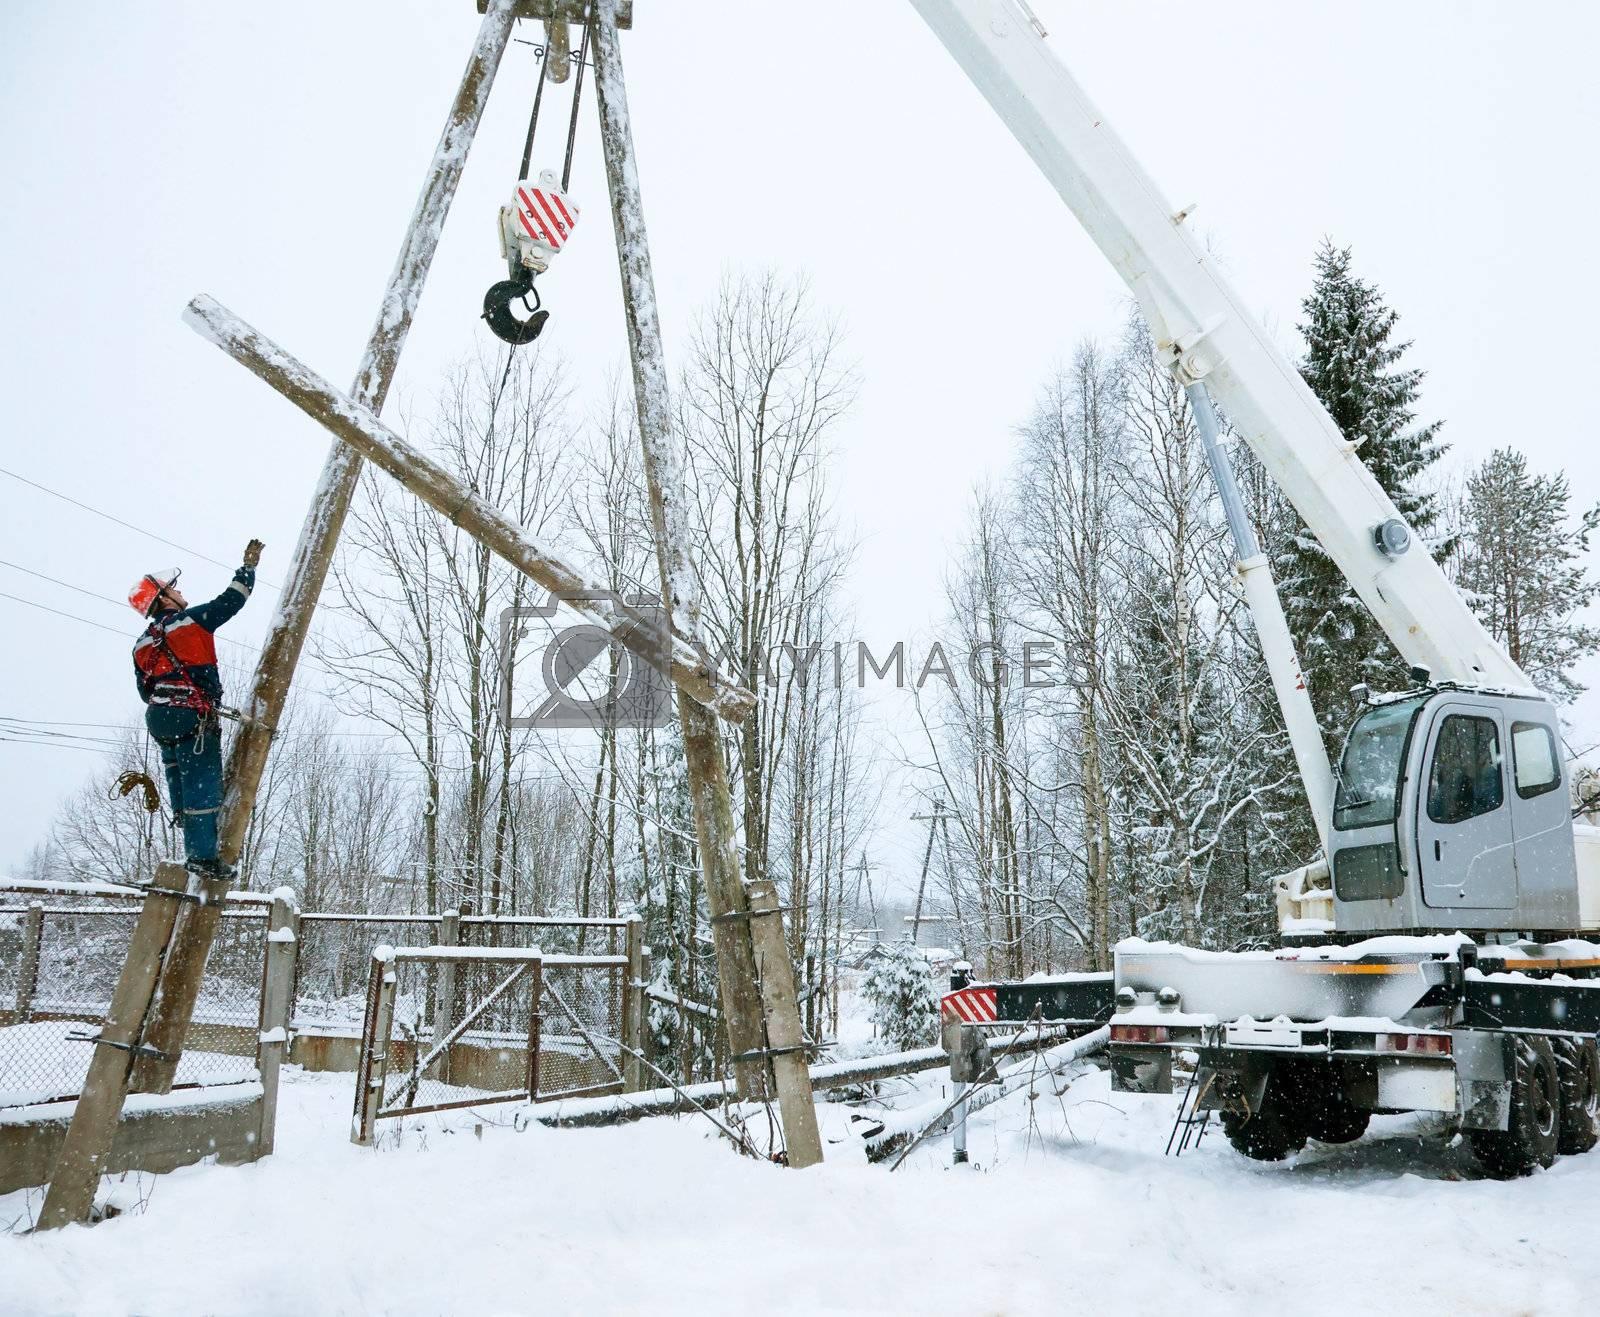 Repair power lines in winter in heavy snowfall